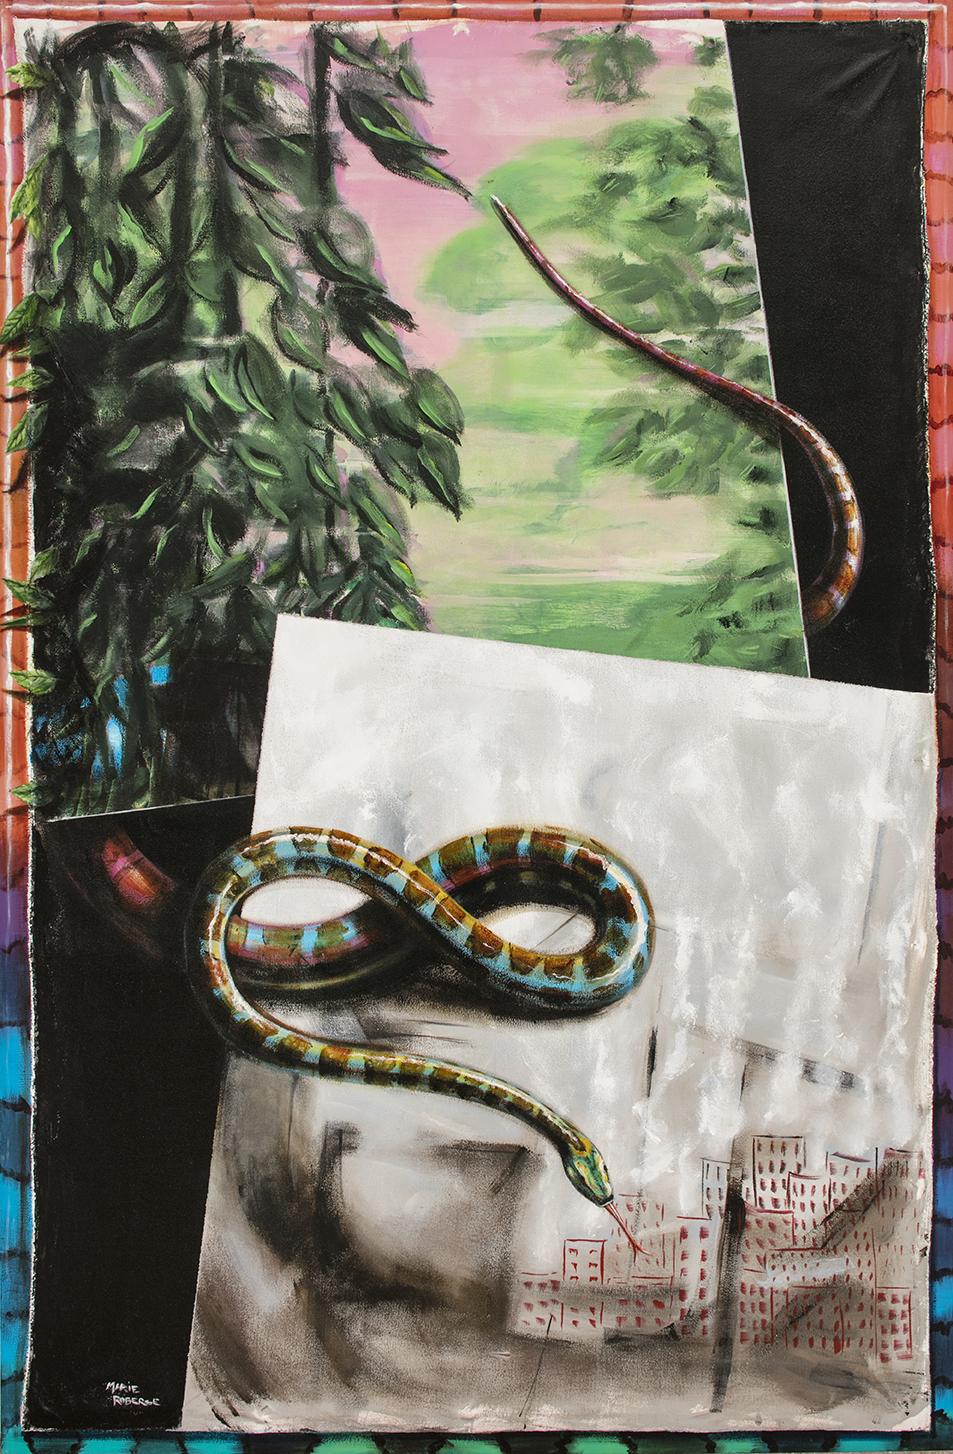 Descente, acrylique sur toile marouflée, 72 pcs x 48 pcs